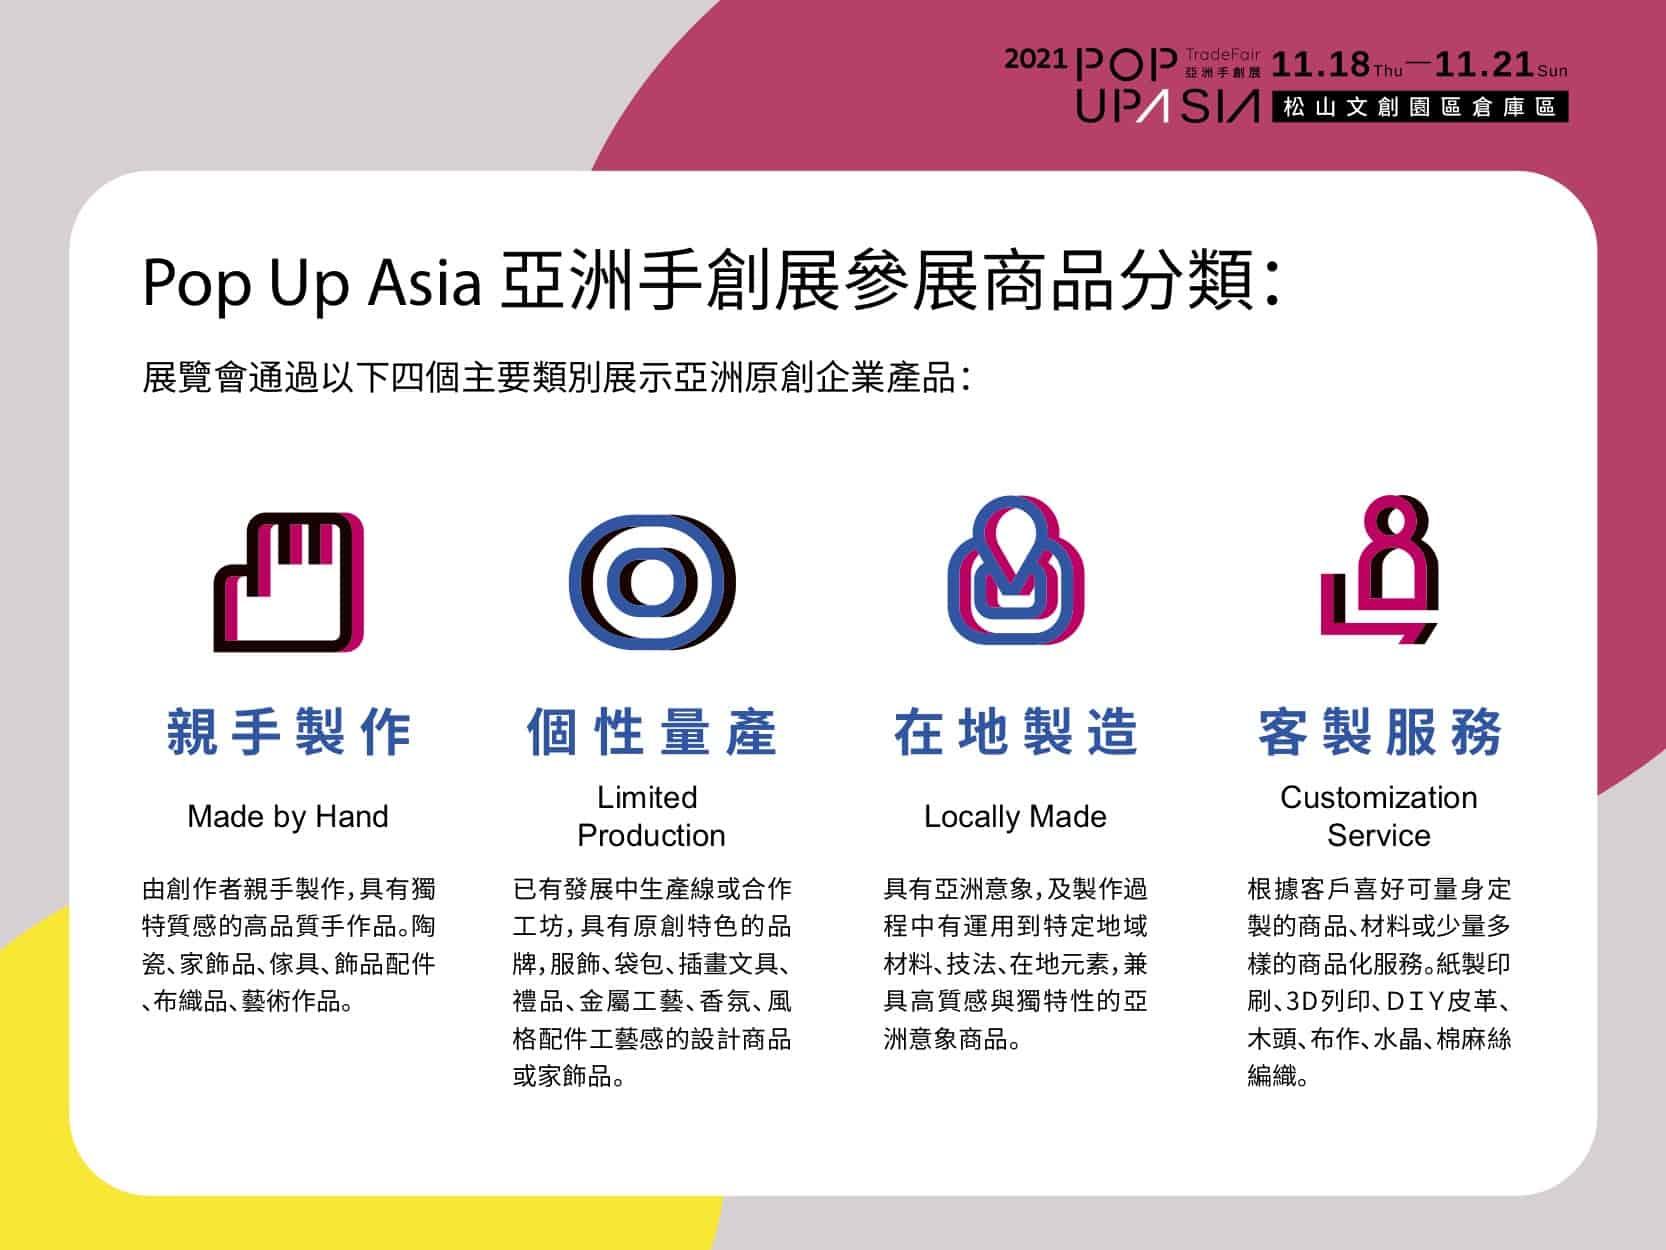 精選代表亞洲手作創業者精神的亞洲高品質手創品牌,以及原創性的個人品牌,分為四大產品類別包括「親手製作、個性量產、在地製造和客製化服務」